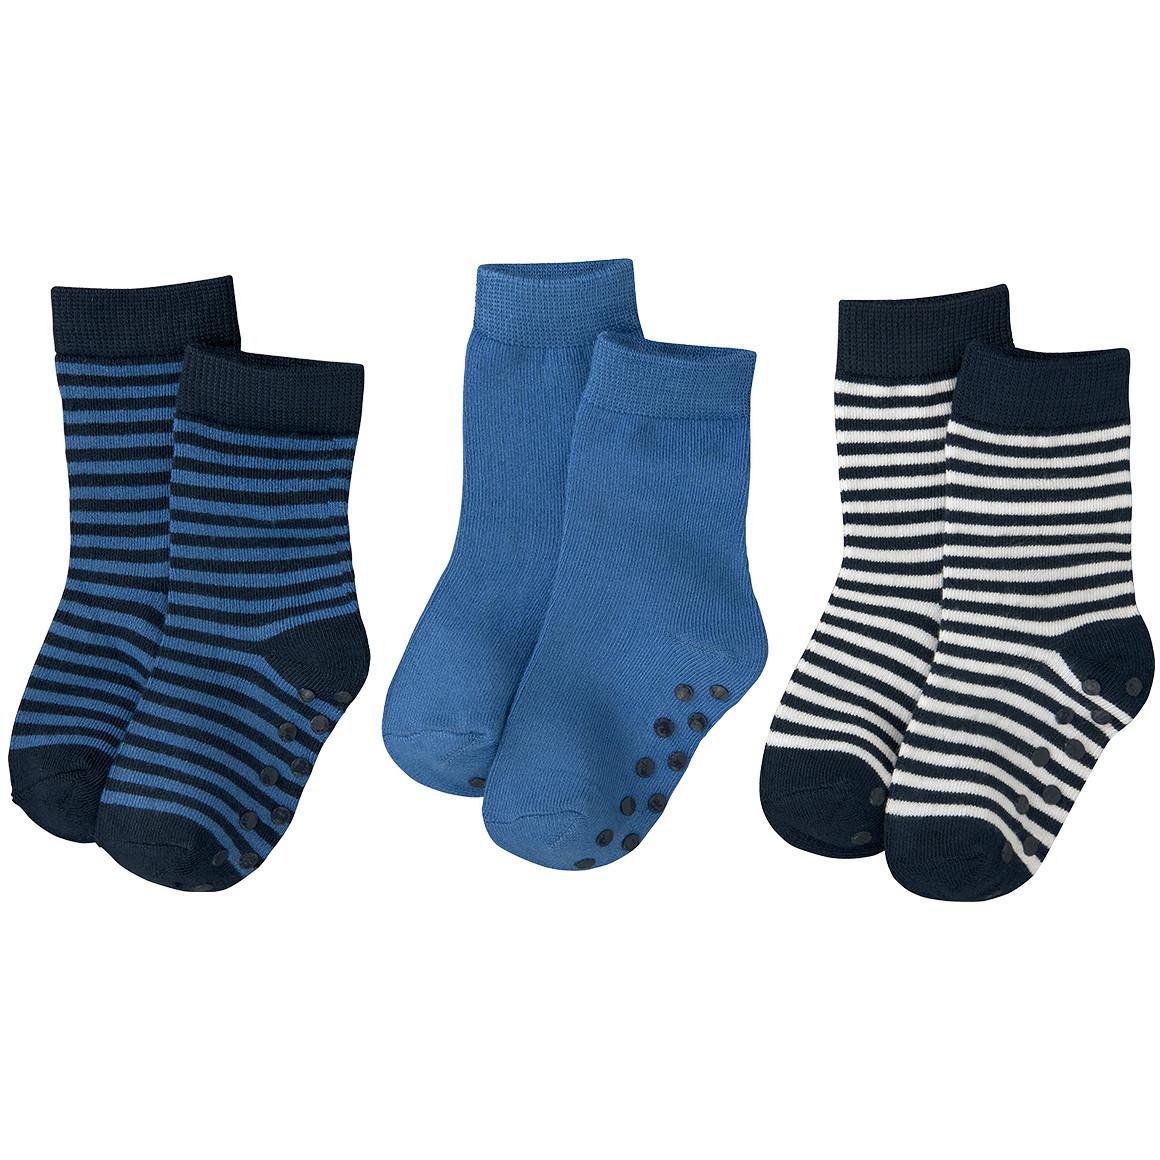 Begeistert 5 Pairs Männer Baumwolle Ankle Socken Fuß Massage Socken Lauf Skate Sport Radfahren Bowling Camping Klettern Wandern Socken 5 Farbe Sport & Unterhaltung Lauf